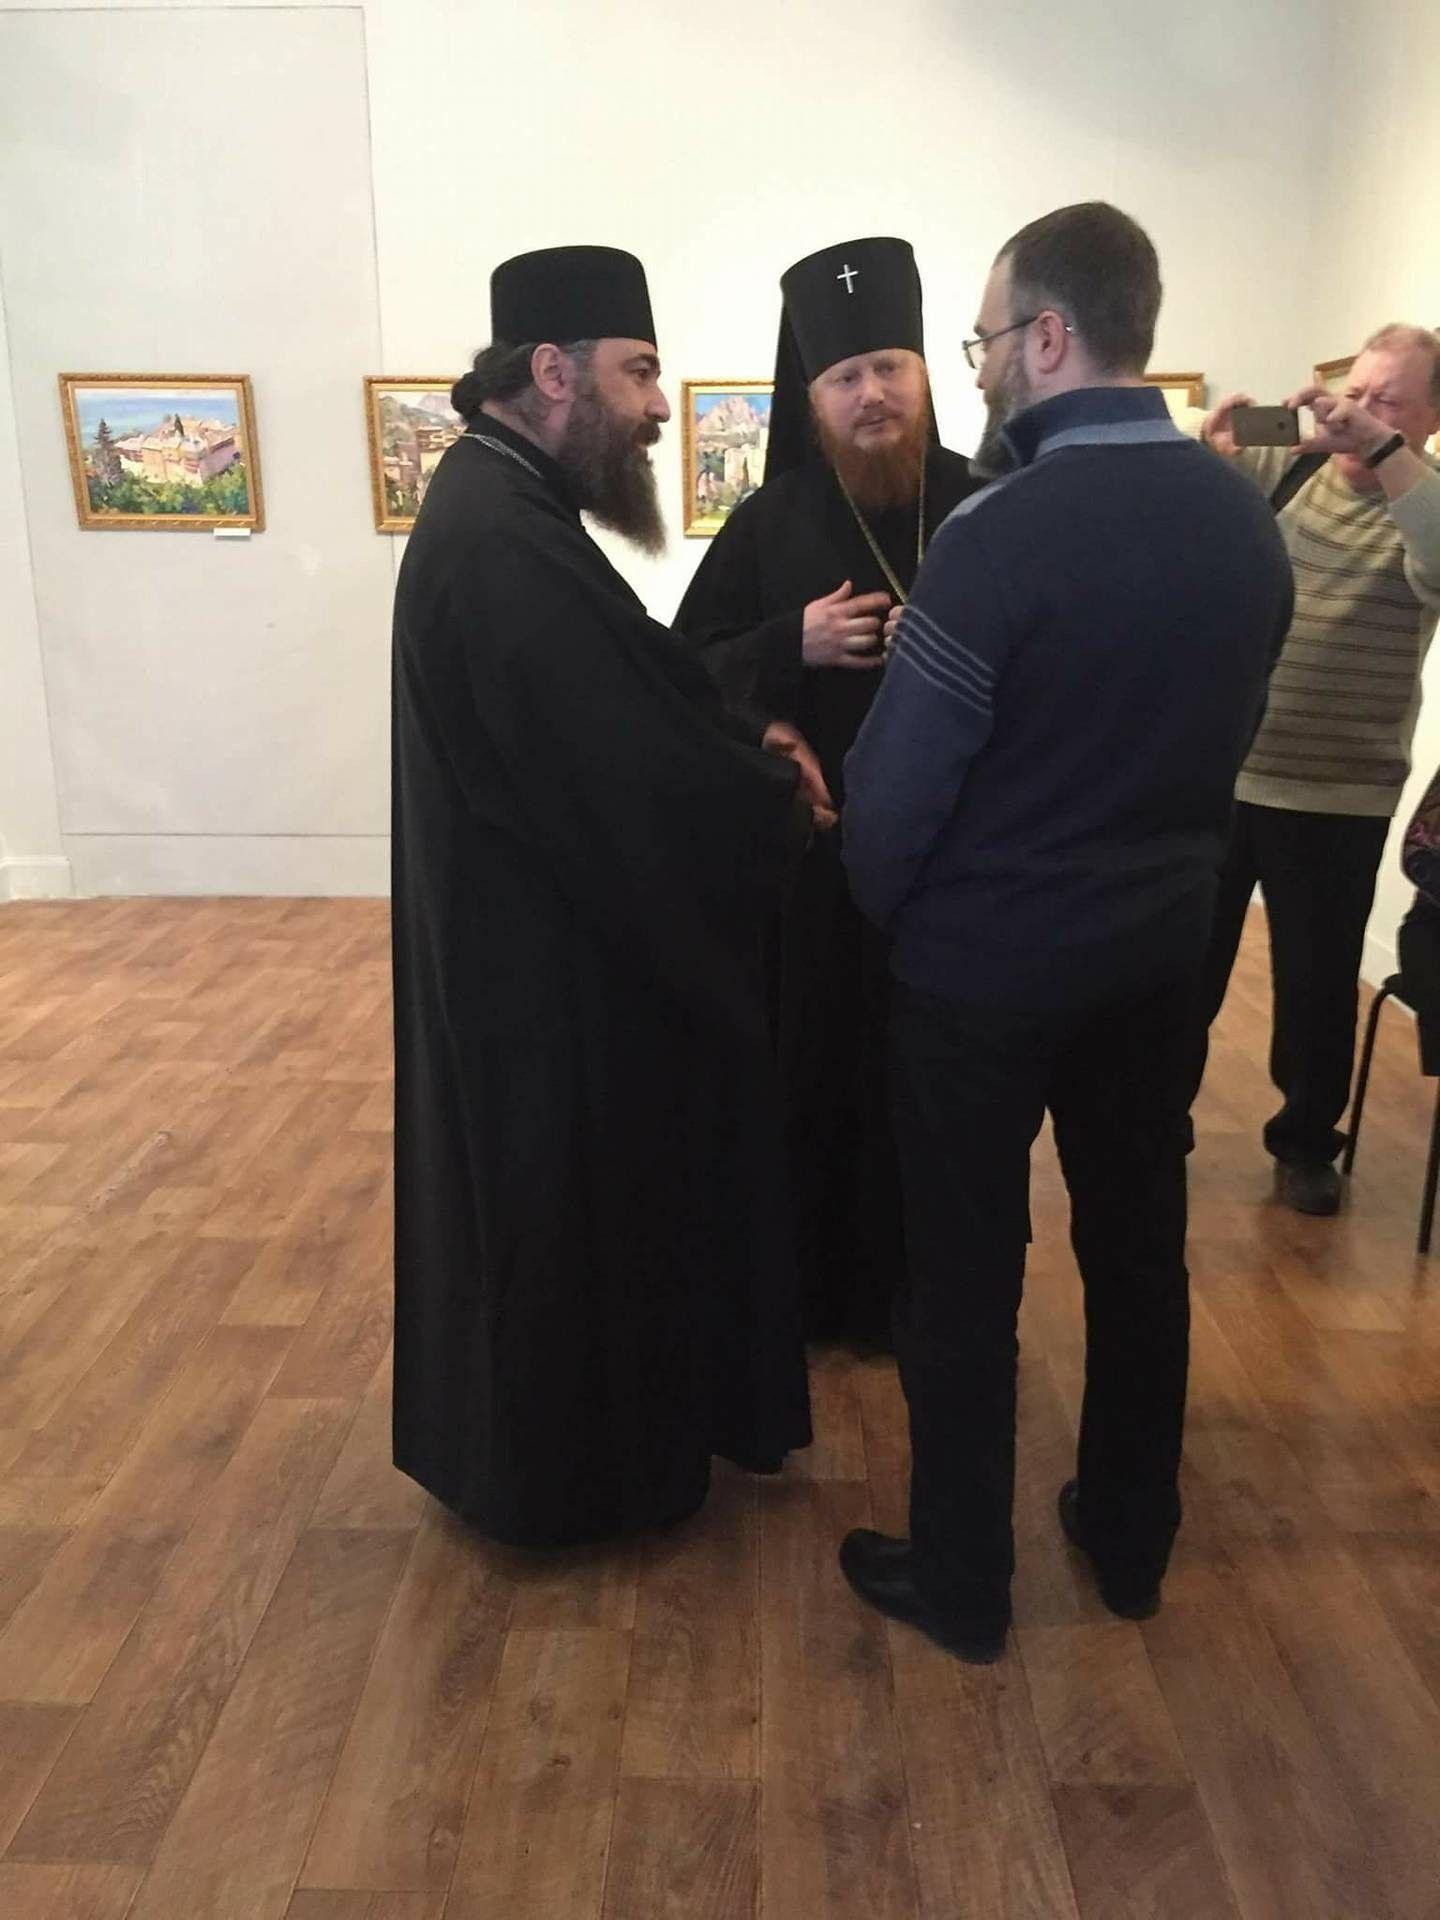 Наместники критского (слева) и украинского (посередине) монастыря отметили ценность художественных работ